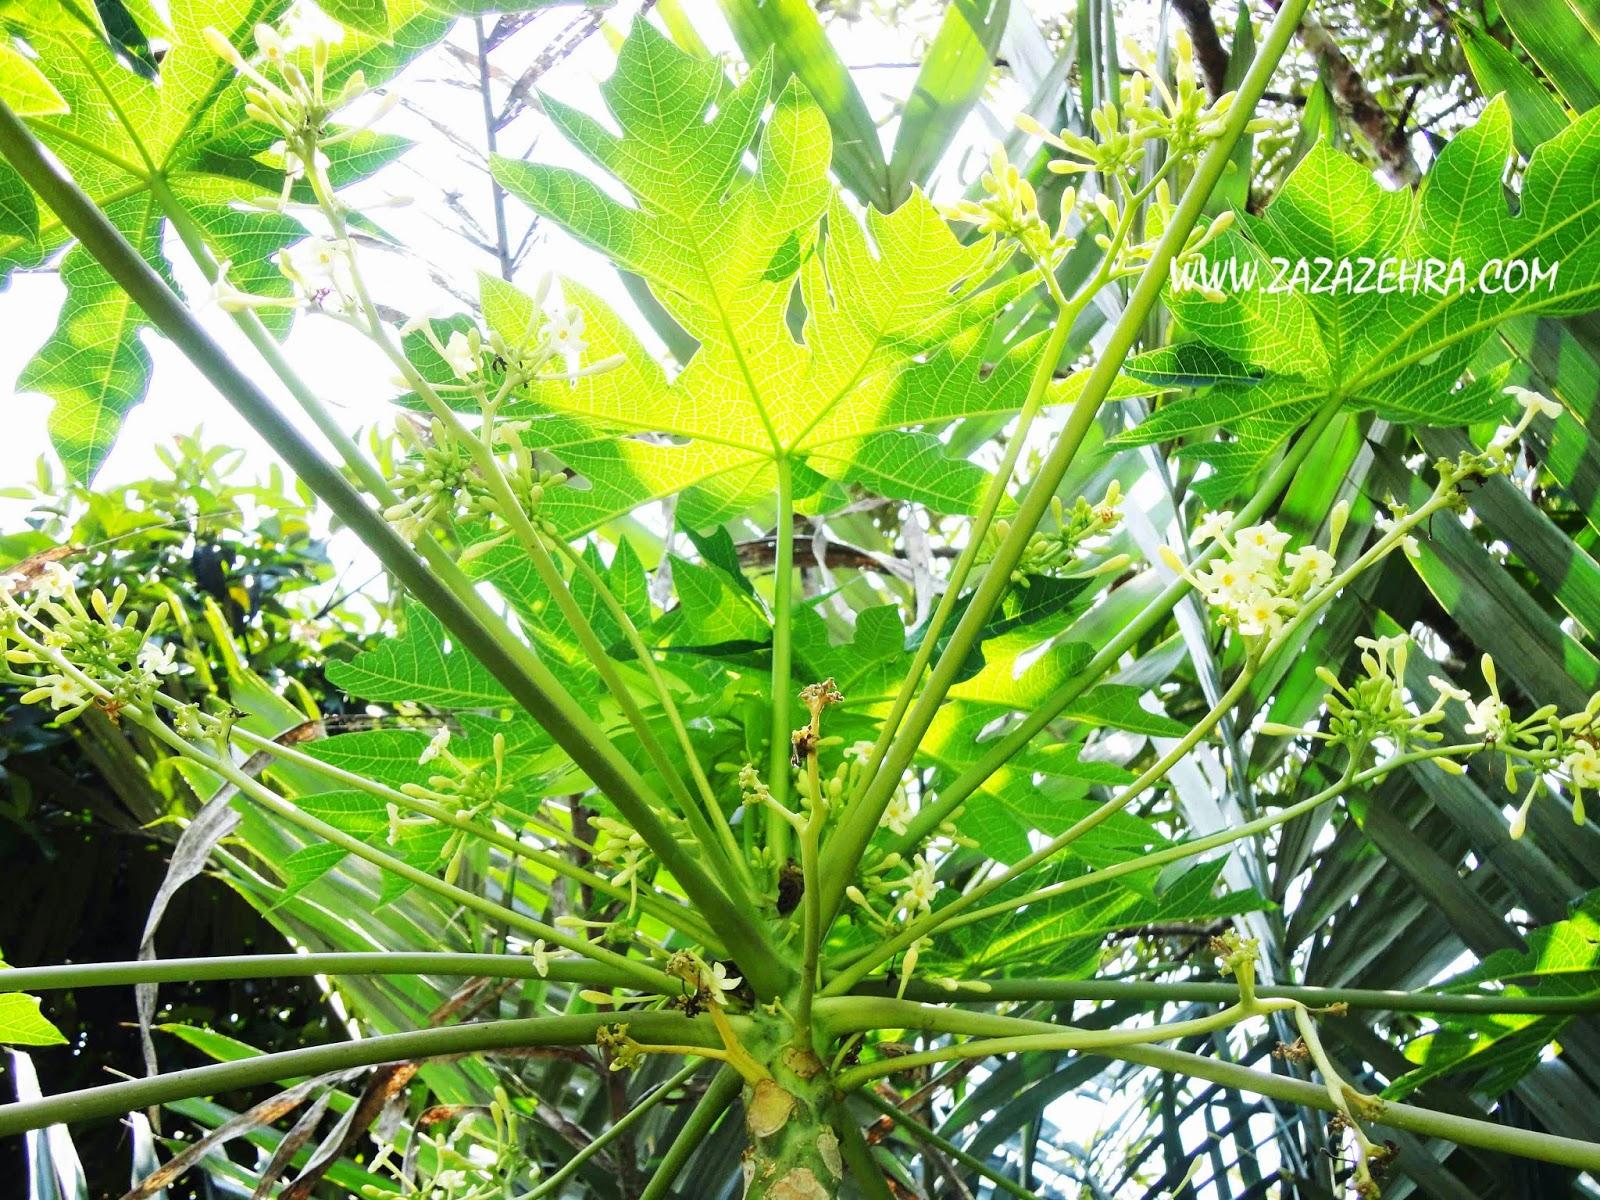 Kerabu Pucuk Bunga Betik, kerabu bunga betik, resepi kerabu bunga betik